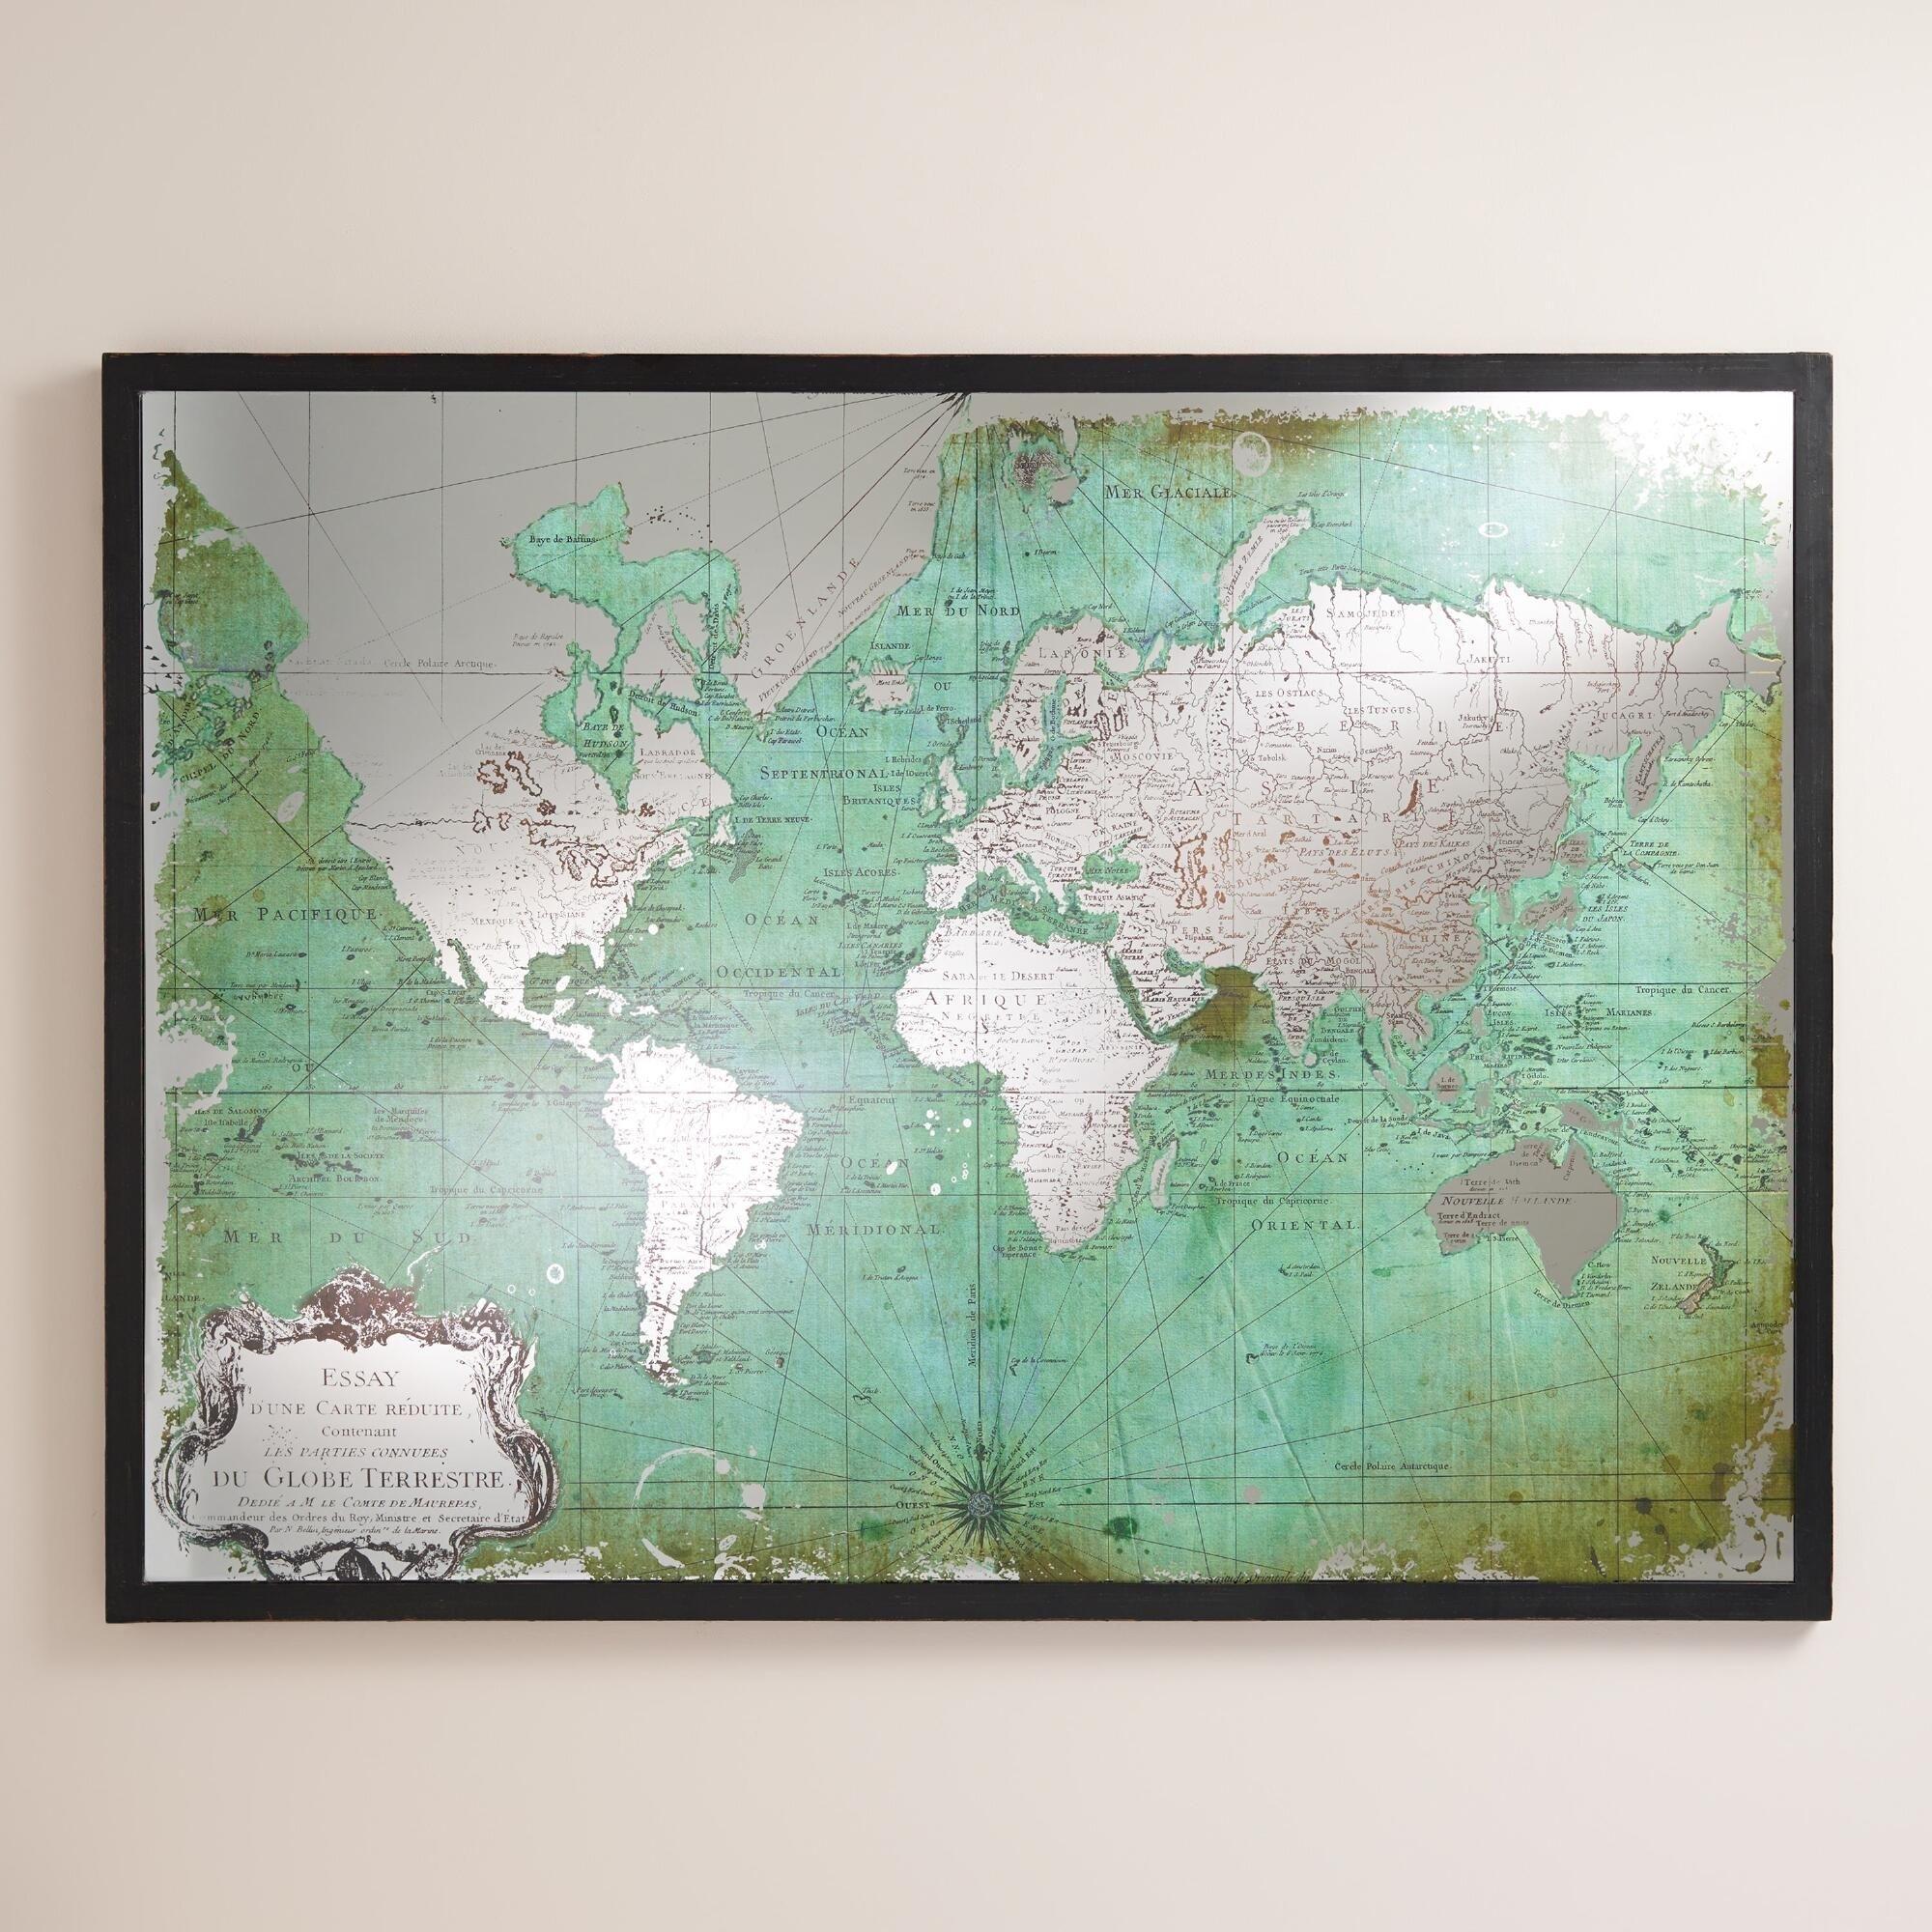 Green Mirrored World Map | World Market | Art | Pinterest | Shared In Recent World Market Wall Art (View 2 of 20)